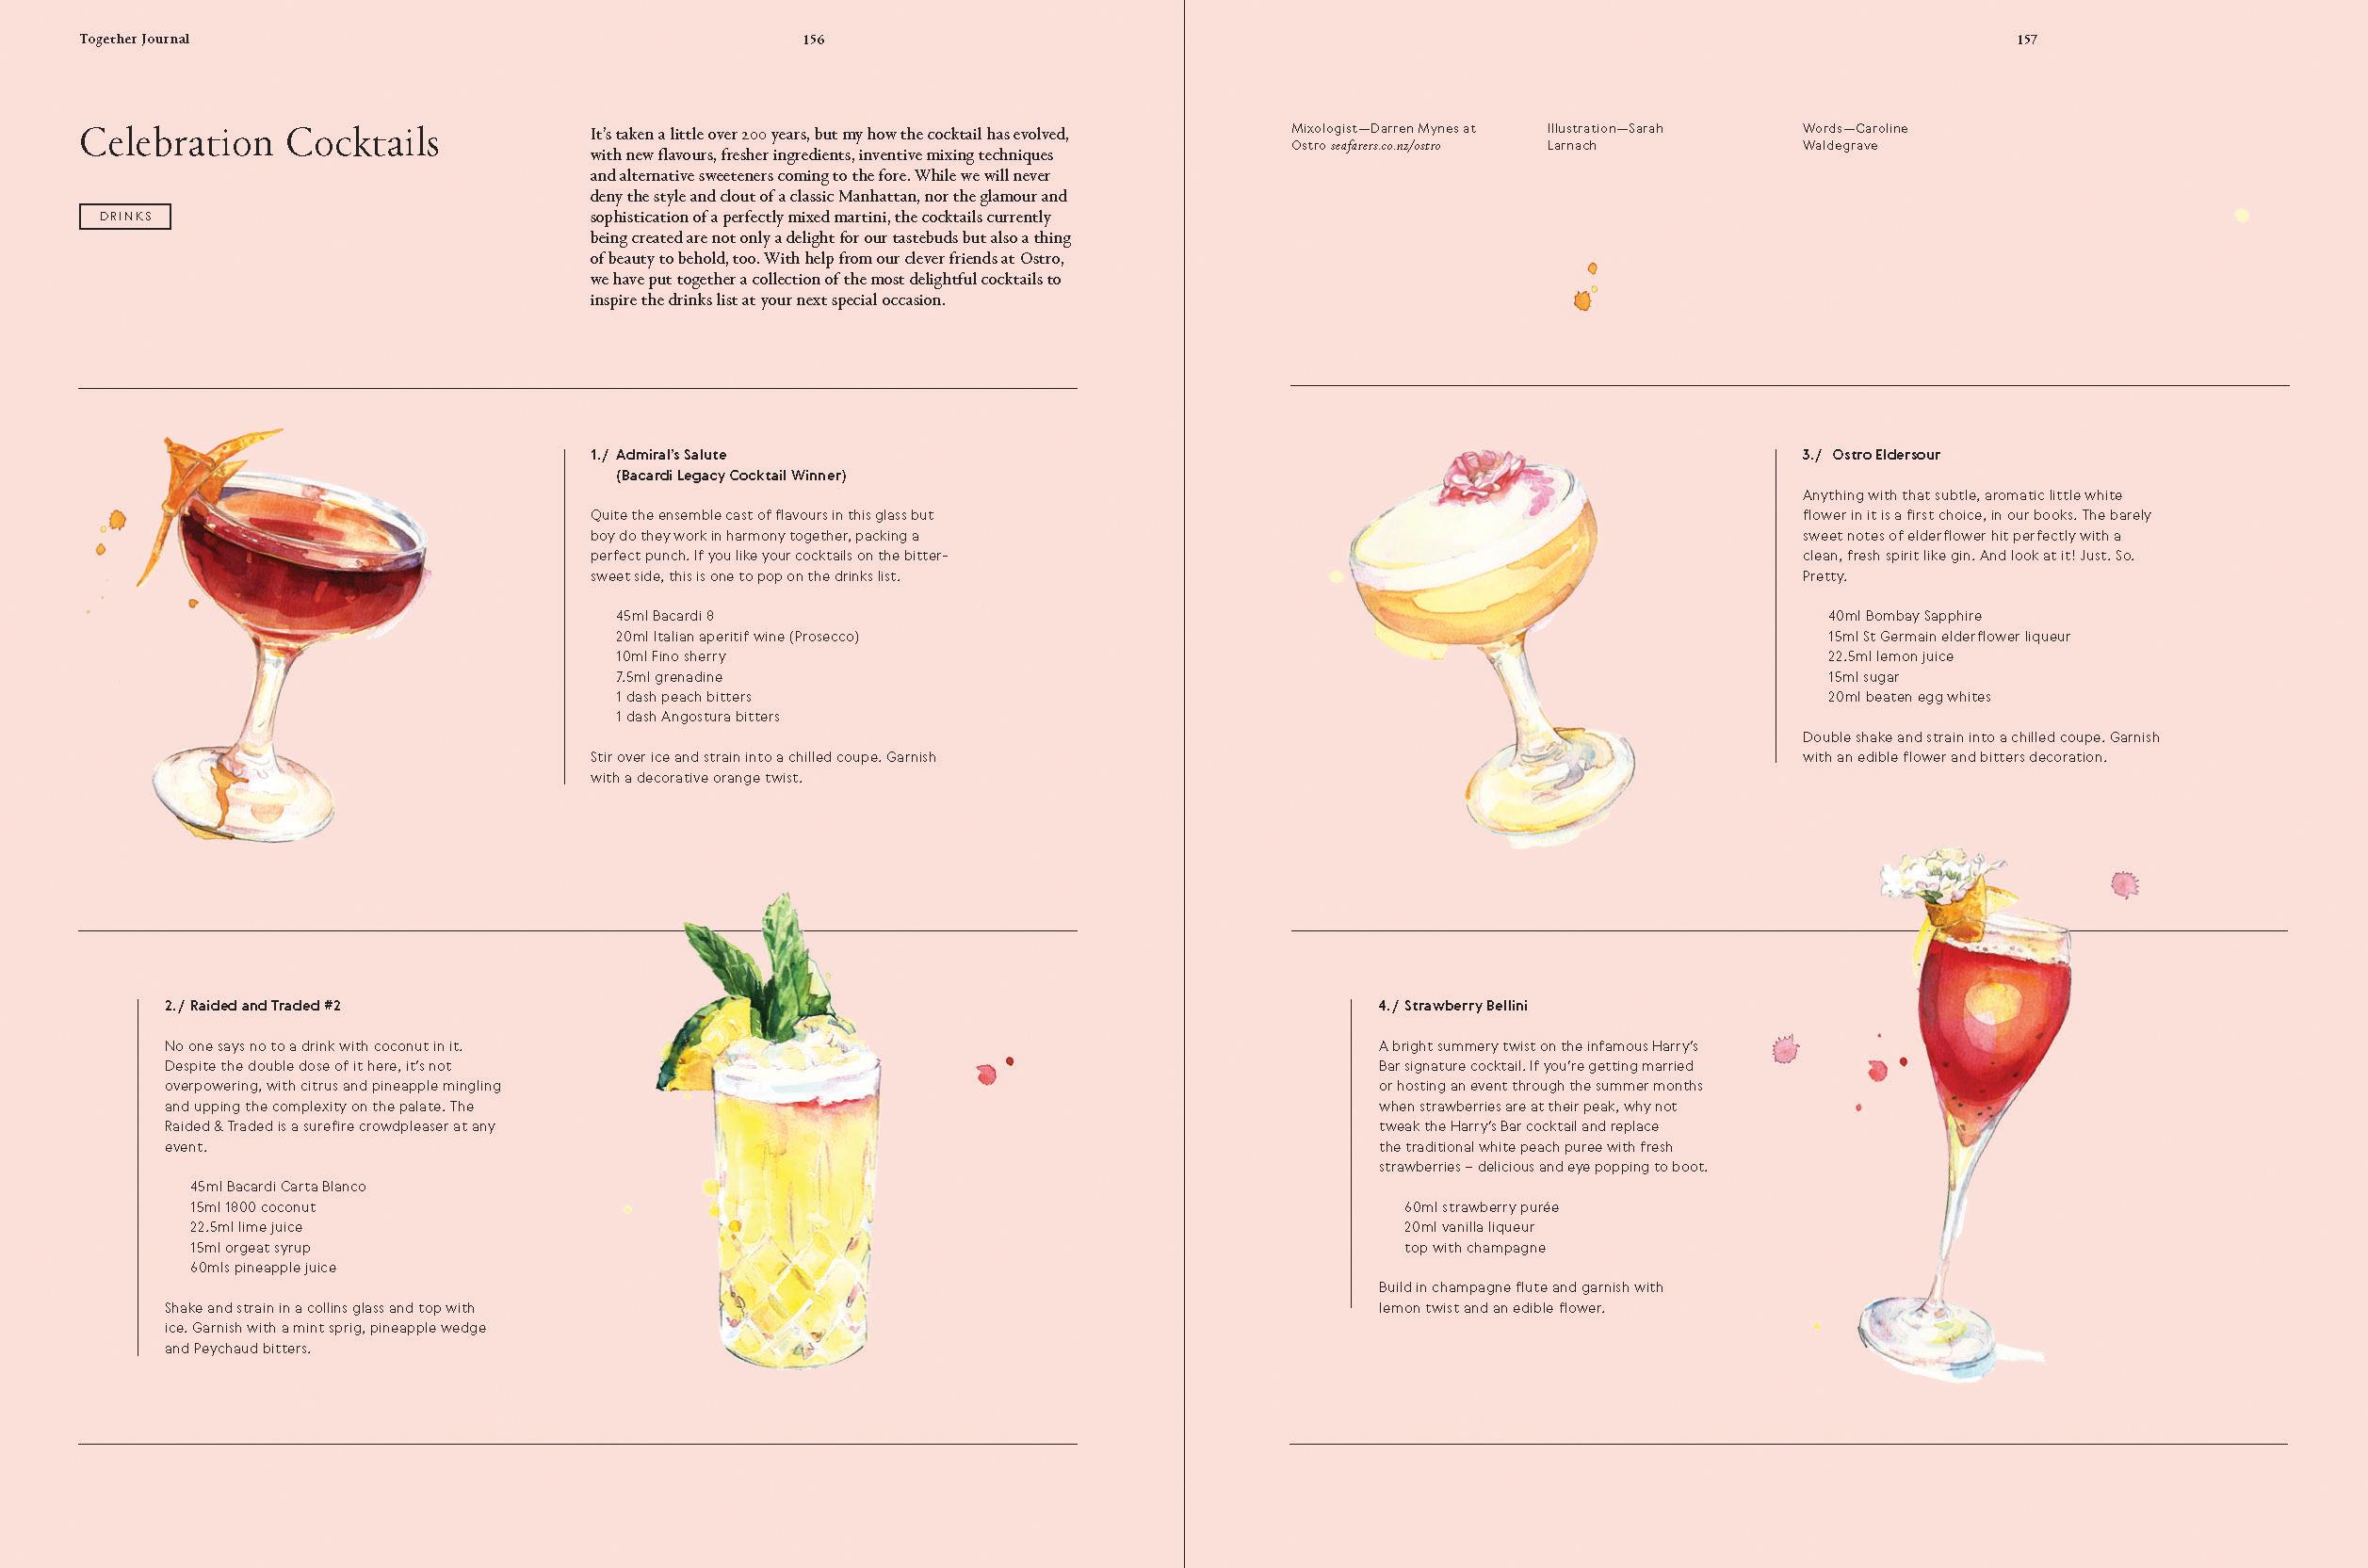 Categories: Food + Drink-Celebration Cocktails